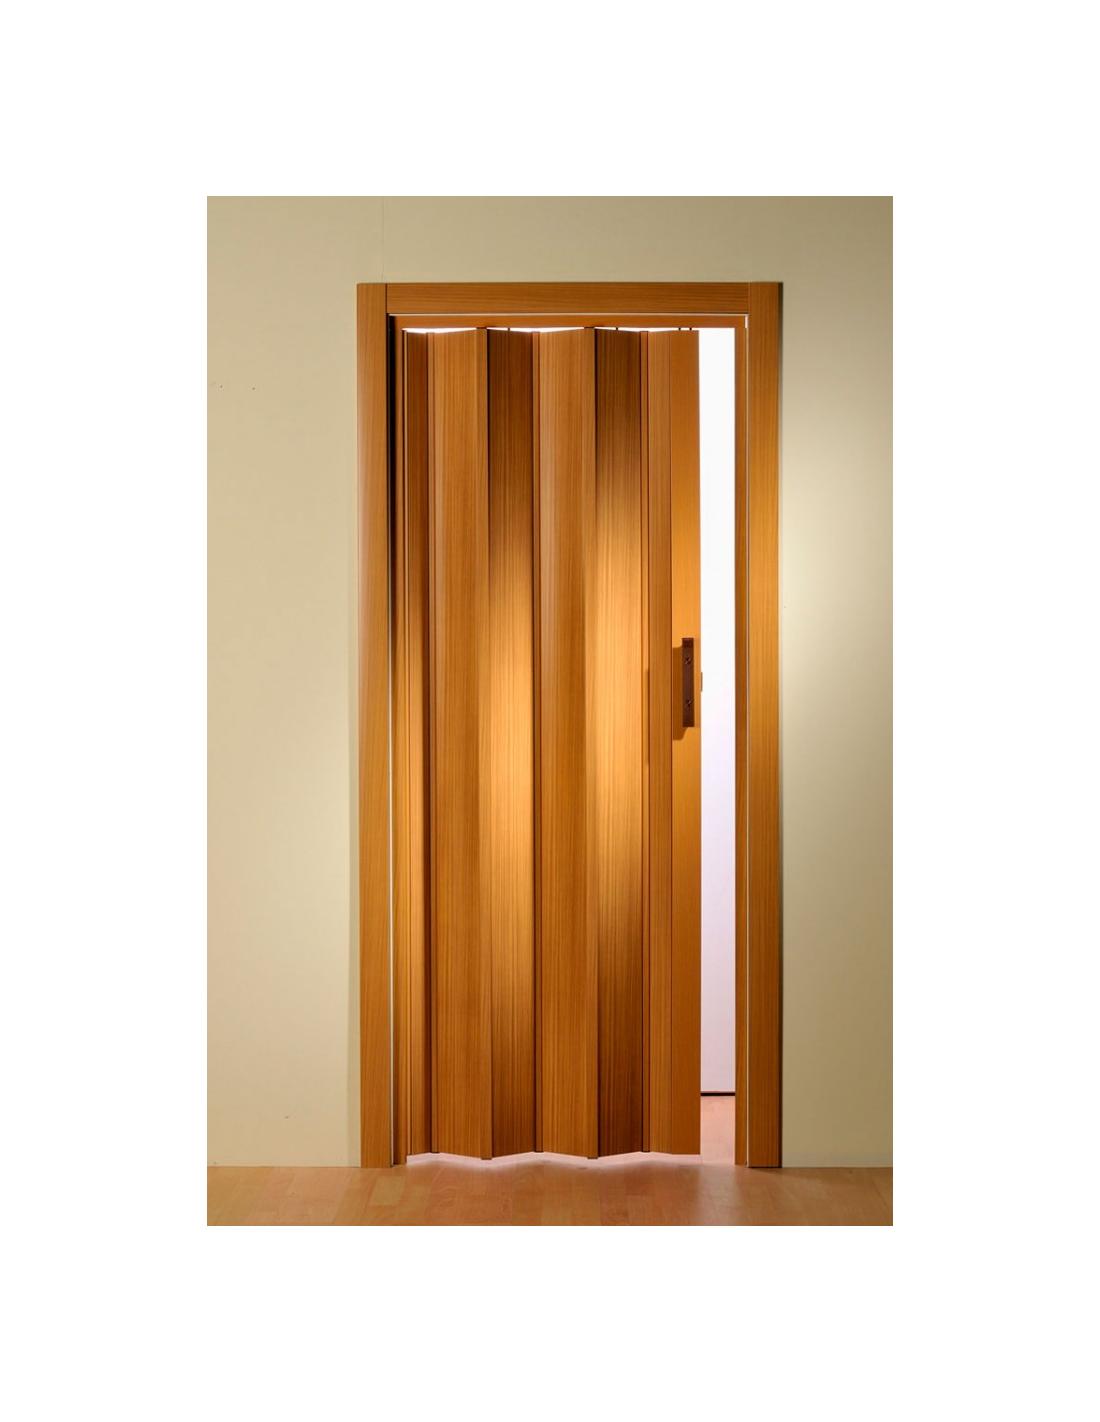 Cucine moderne lineari - Porta a soffietto in vetro ...